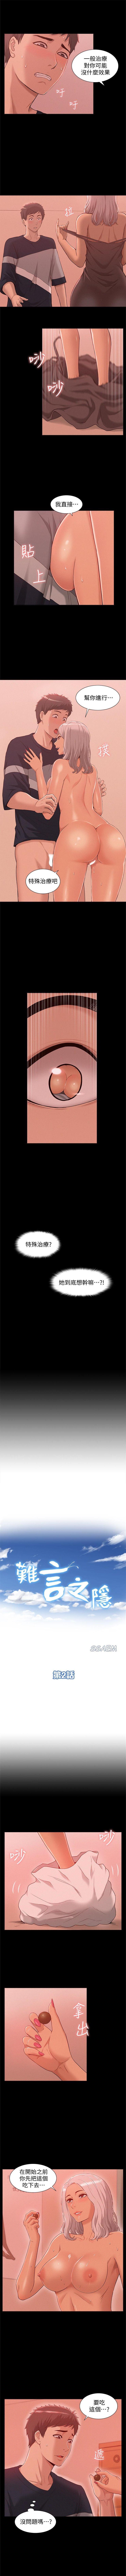 (週4)難言之隱 1-24 中文翻譯(更新中) 9